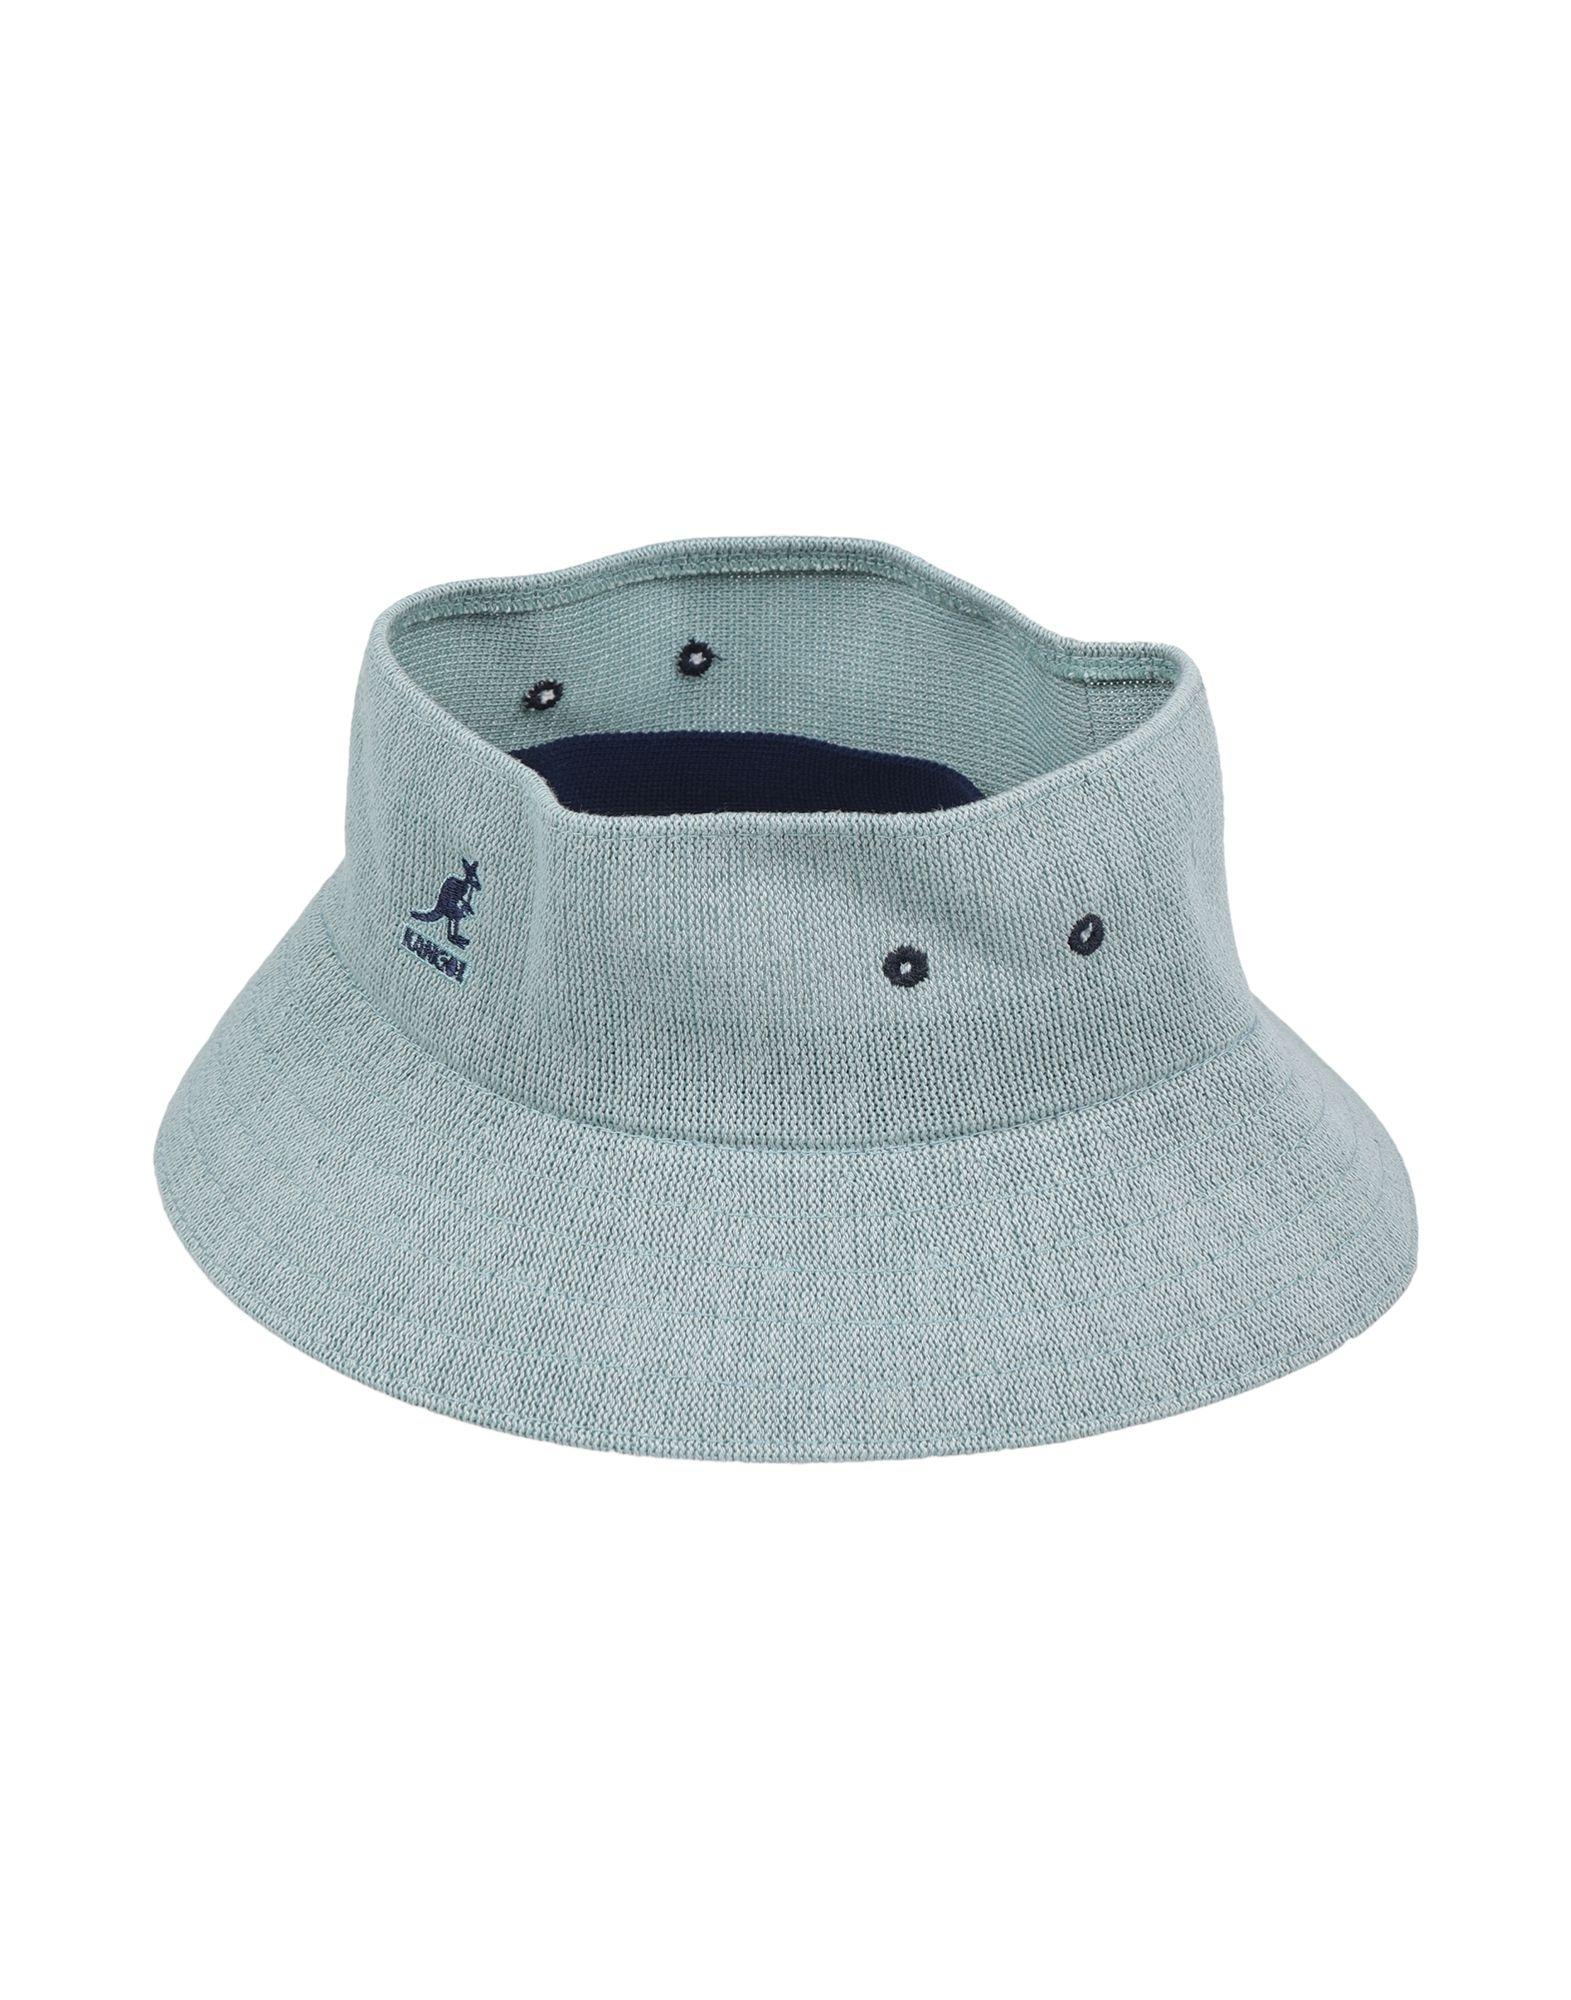 《送料無料》KANGOL メンズ 帽子 ライトグリーン M アクリル系 55% / レーヨン 45%